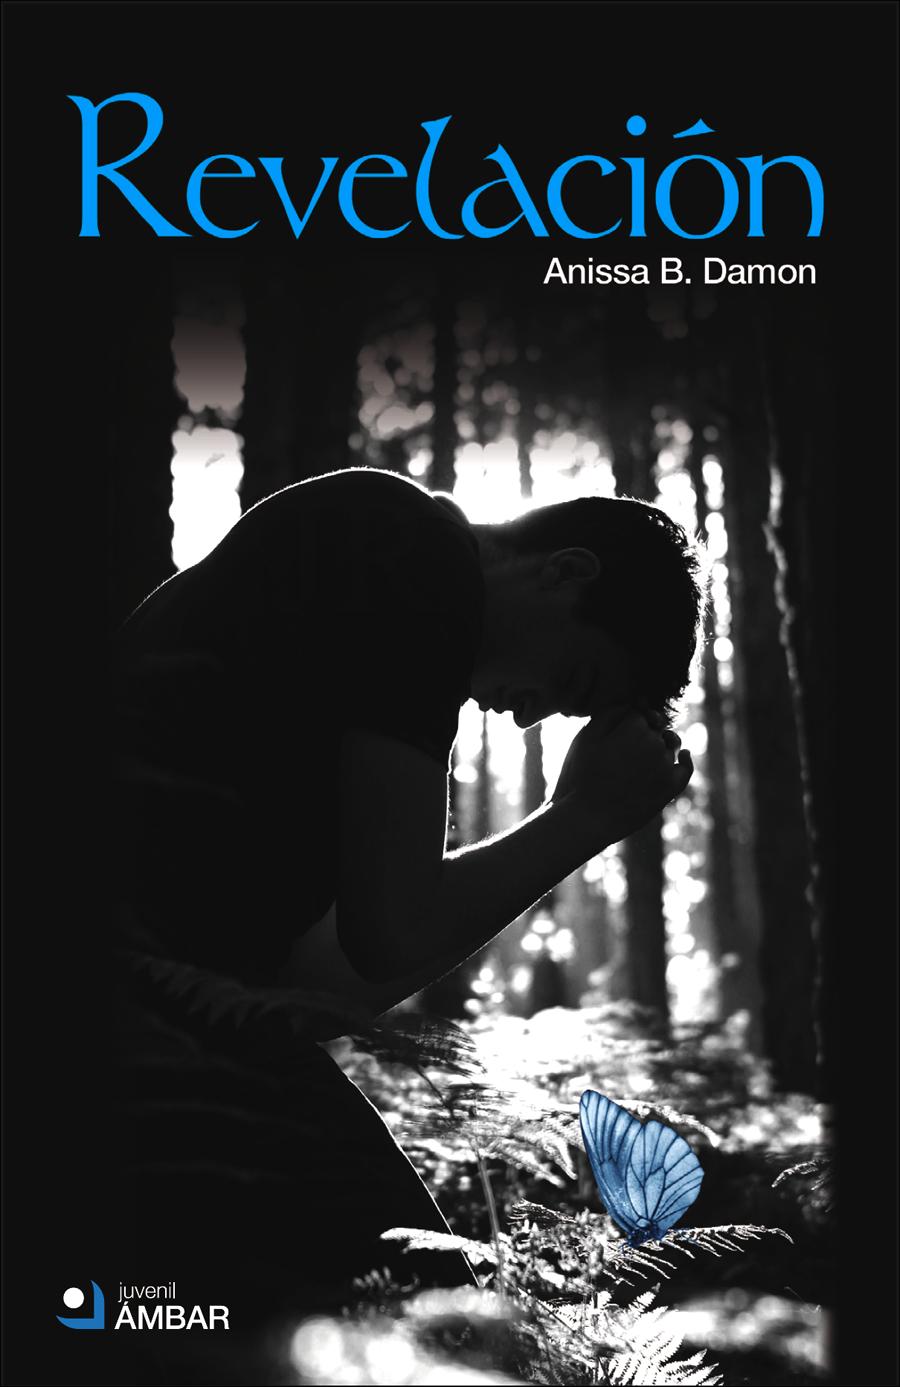 pq-cubierta-revelacion-ediciones-ambar-2012-annissa-b-damon-jr-calidad.png